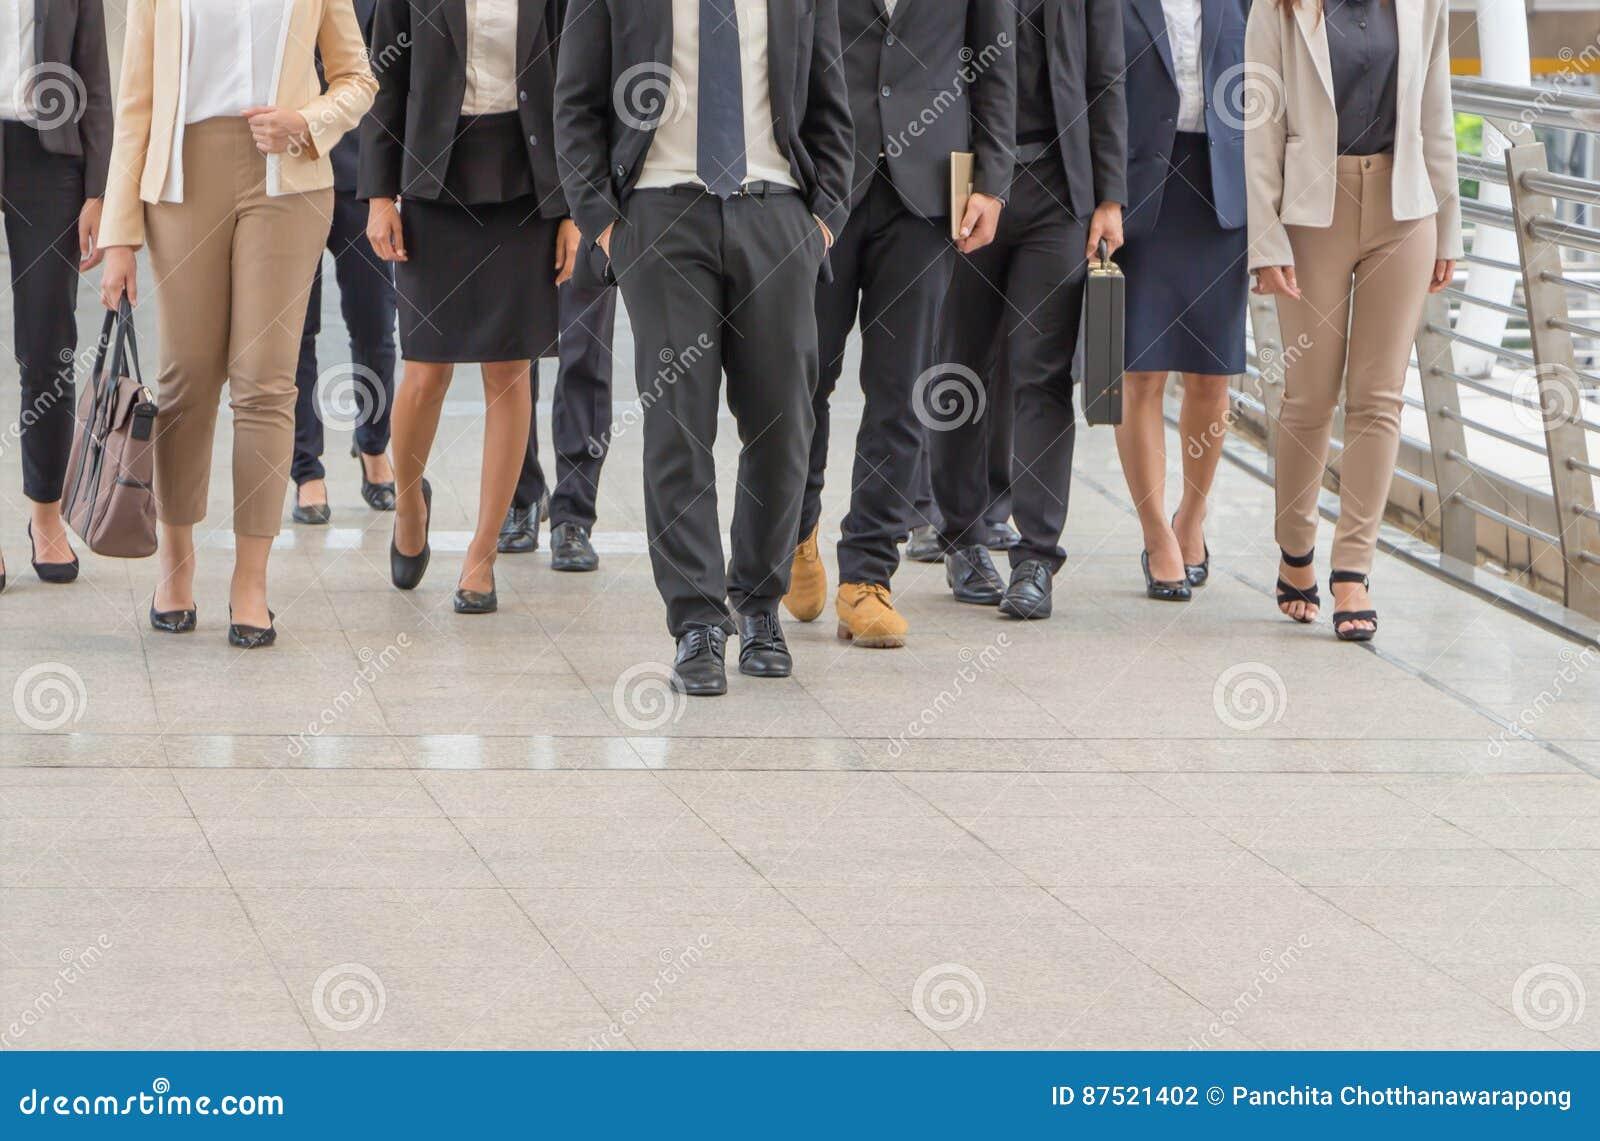 Ομάδα ευτυχούς νέας επιχειρησιακής ομάδας, businesspeople περπατώντας το υπαίθριο γραφείο από κοινού